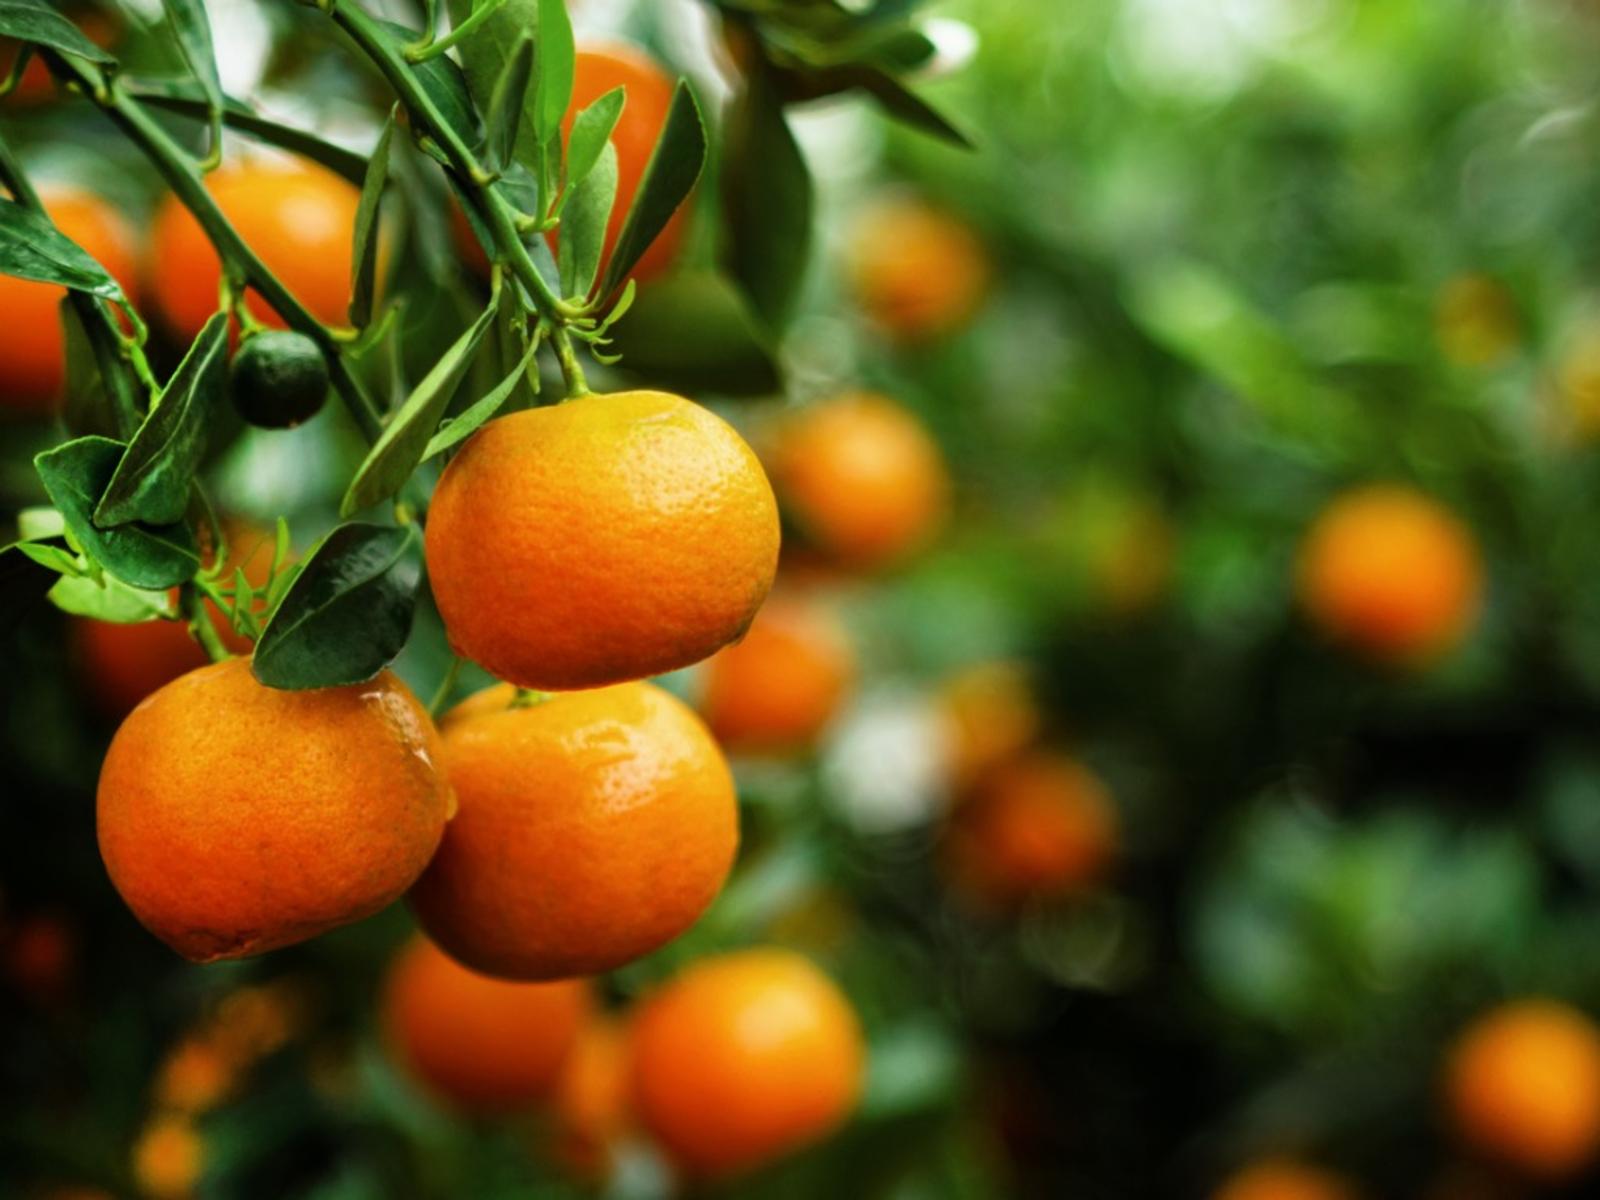 Μανταρίνια: Ποιες είναι οι διαφορές τους με τα πορτοκάλια